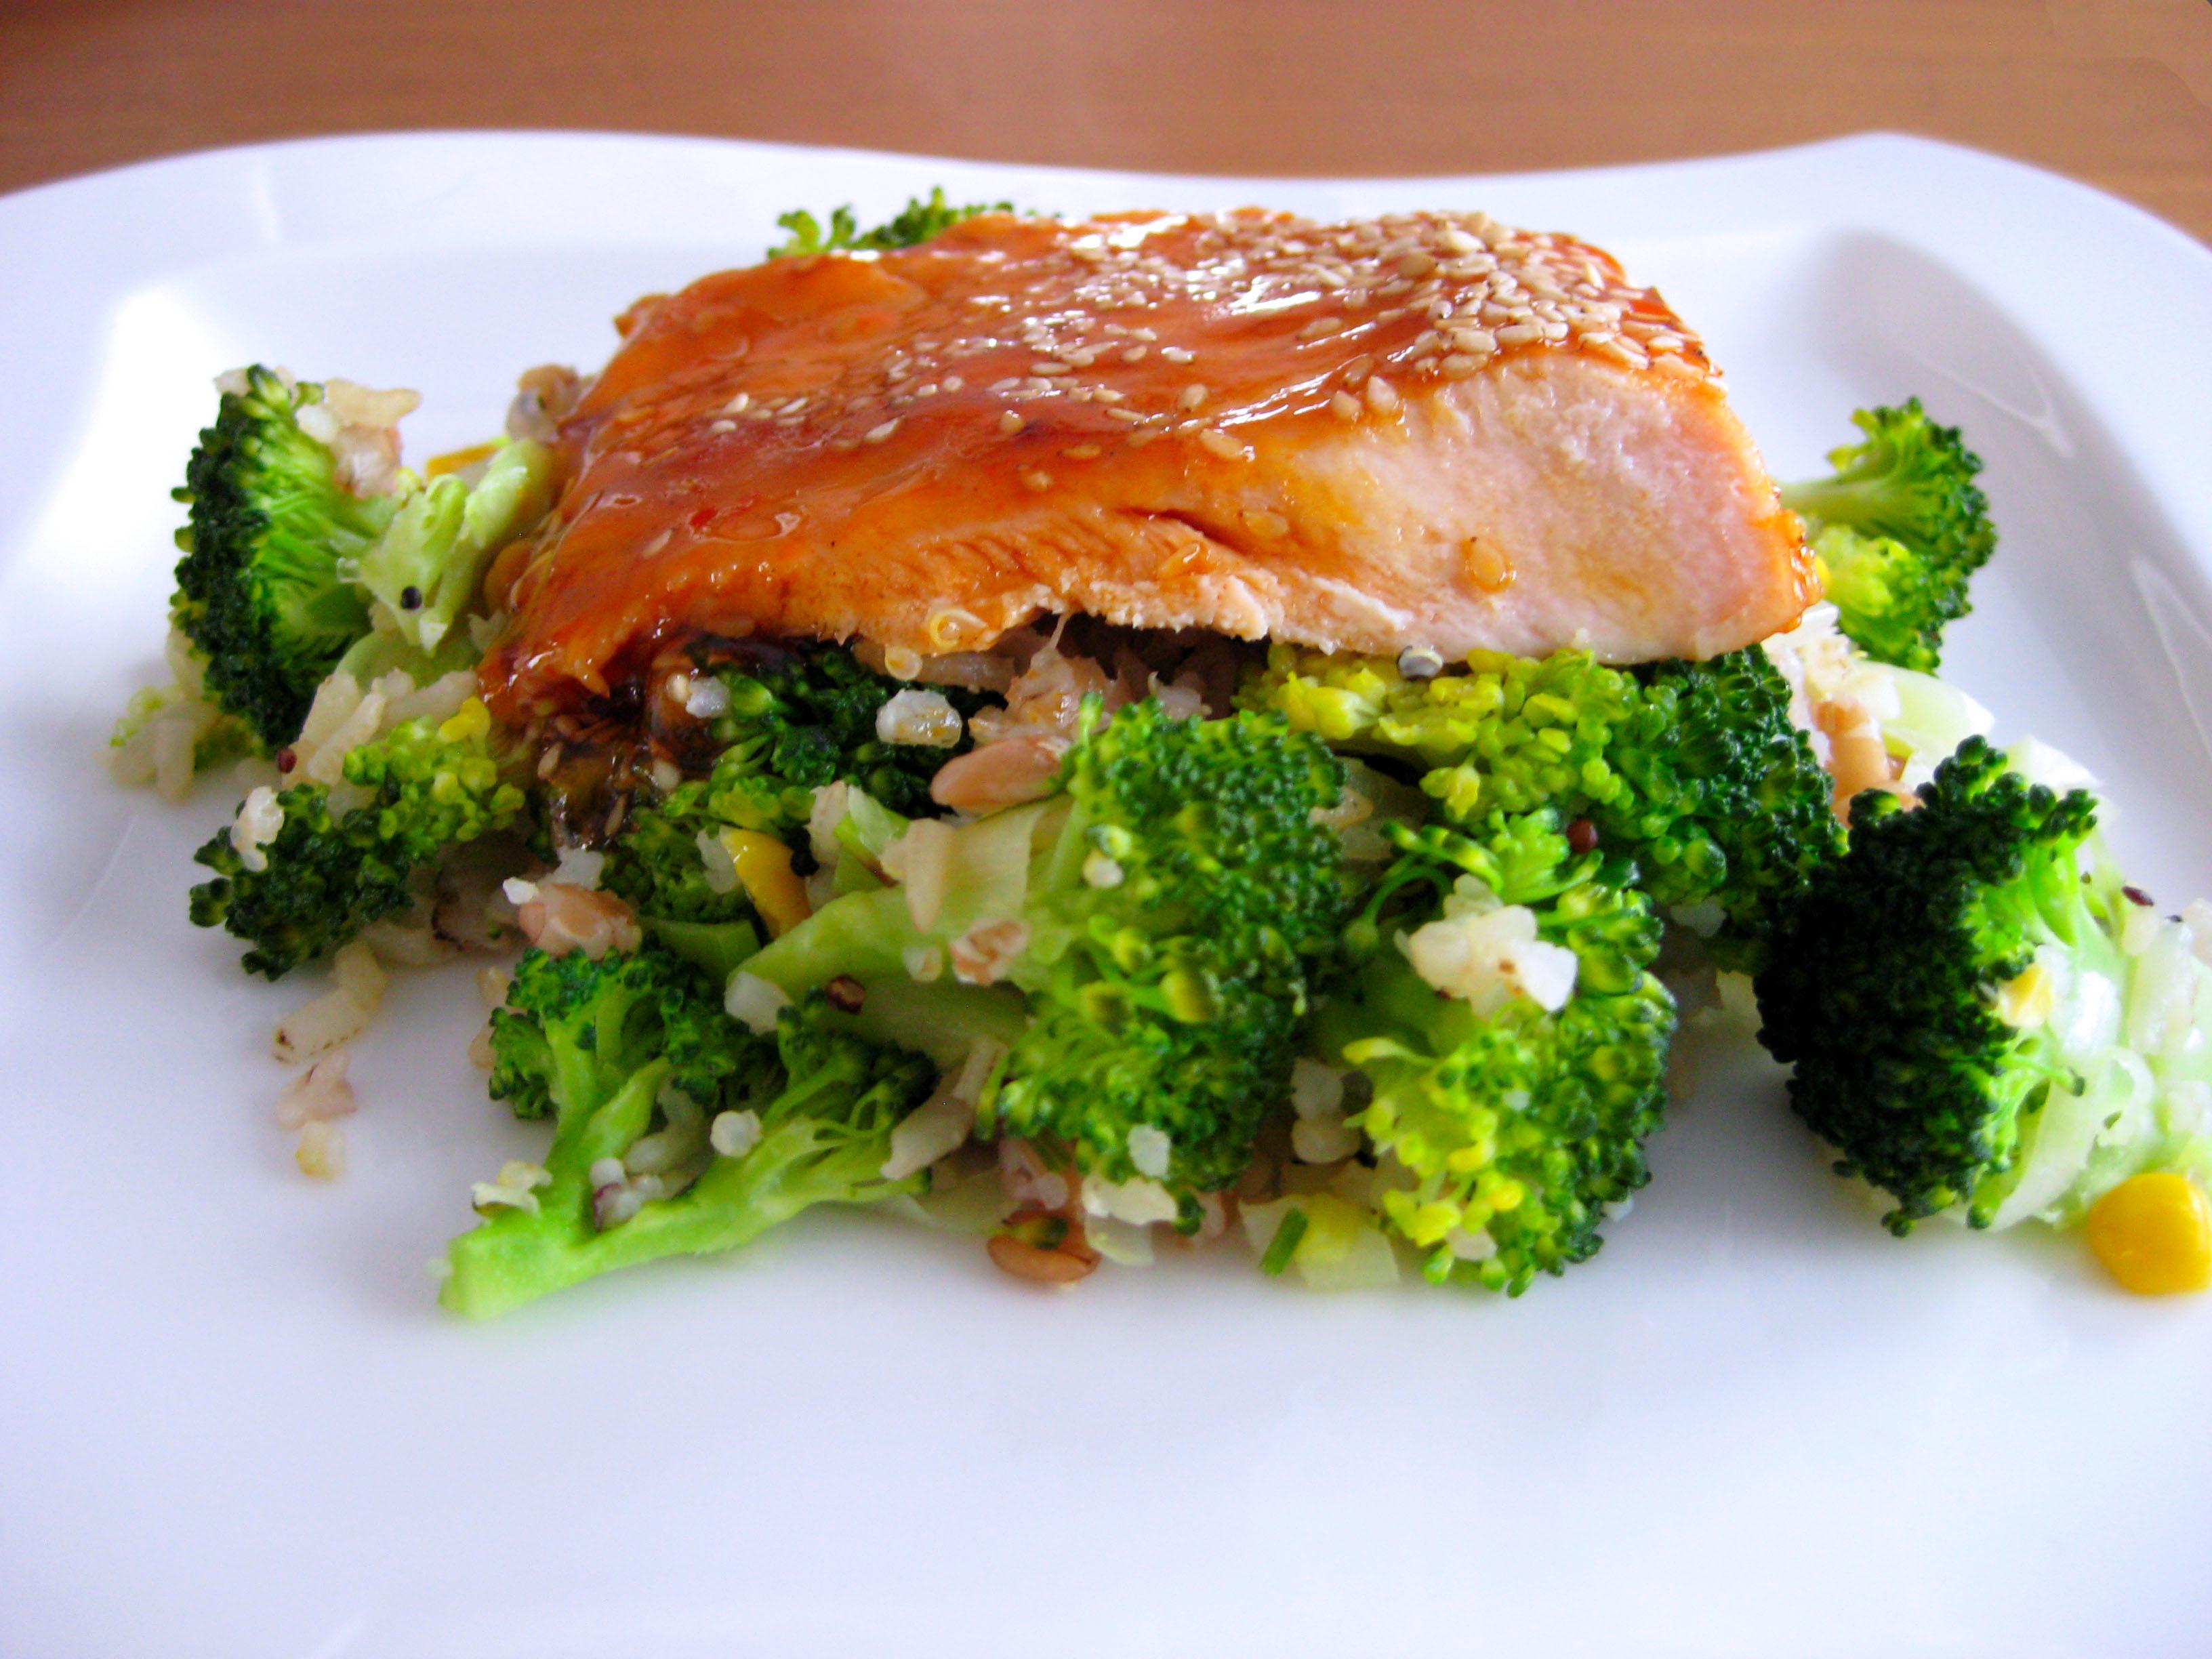 zalm, brocoli en rijst